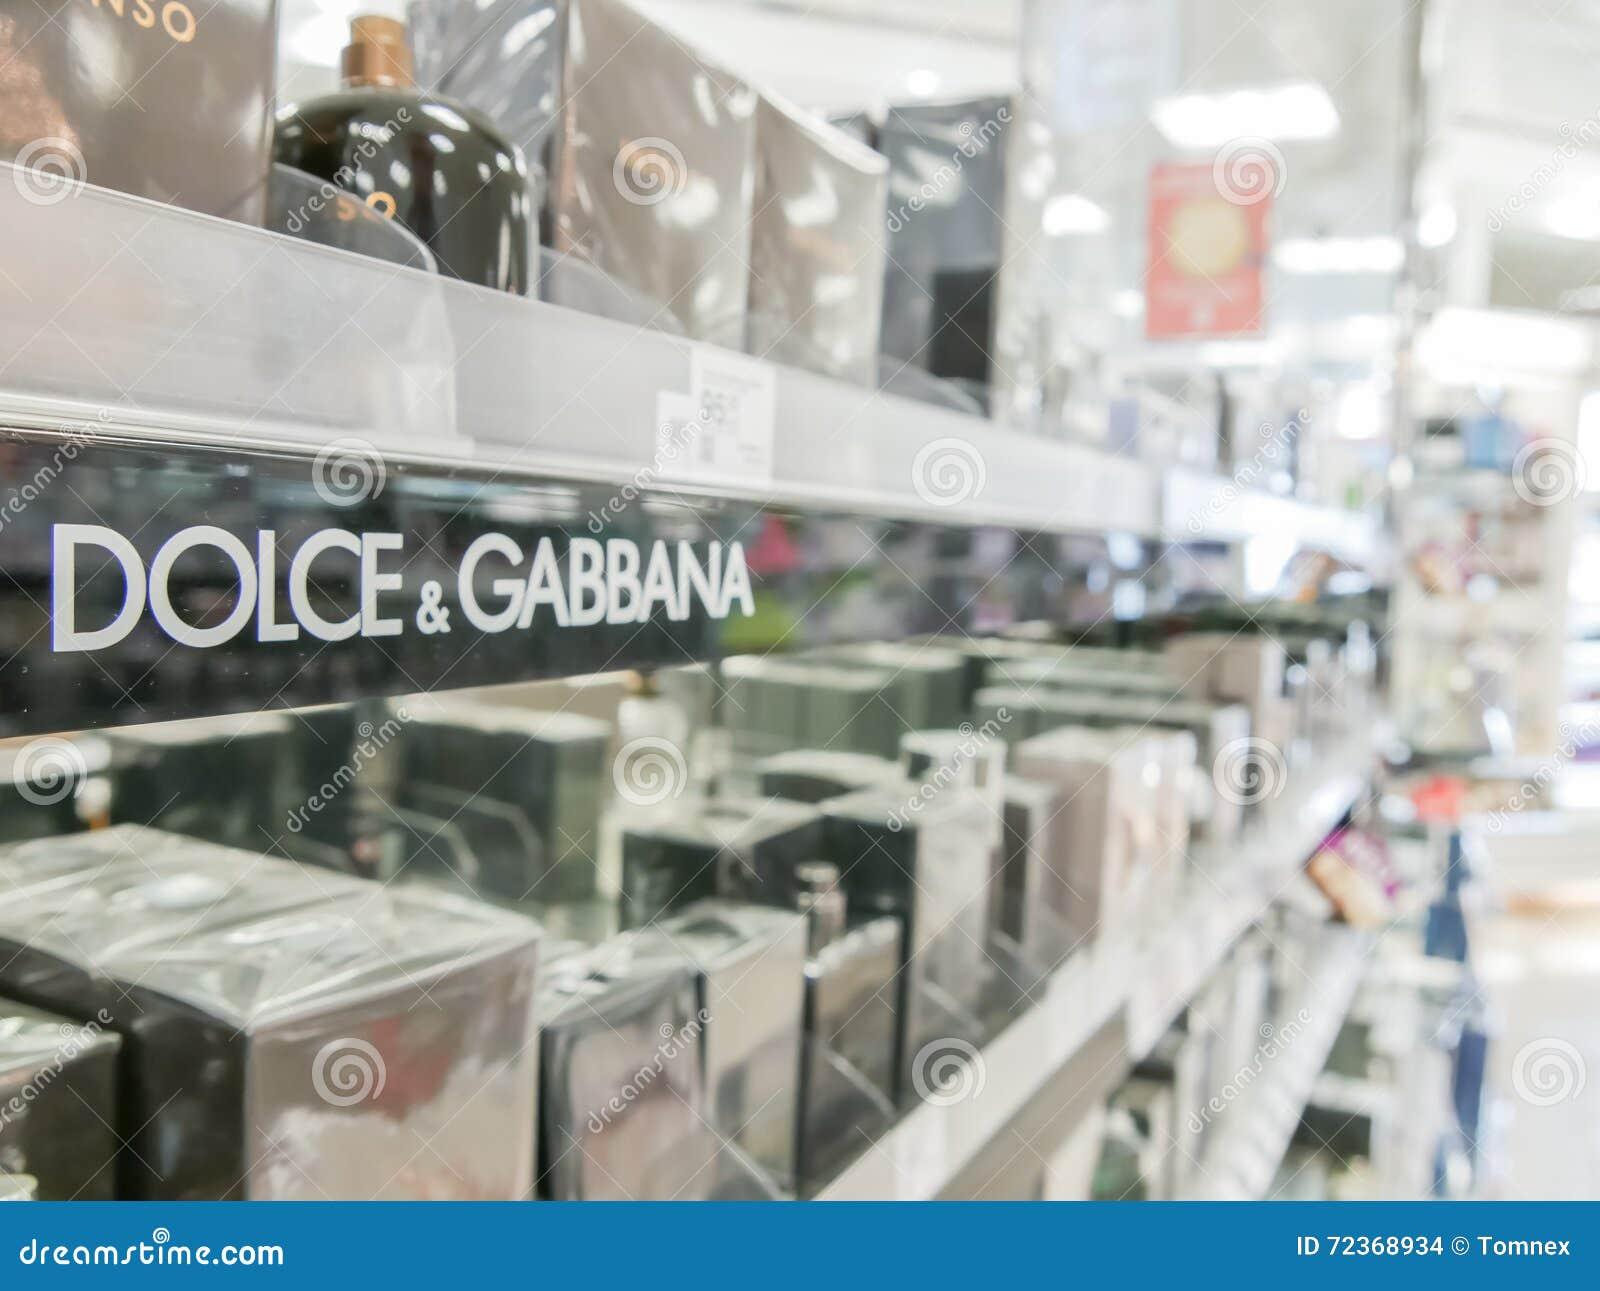 Dolce & Gabbana香水